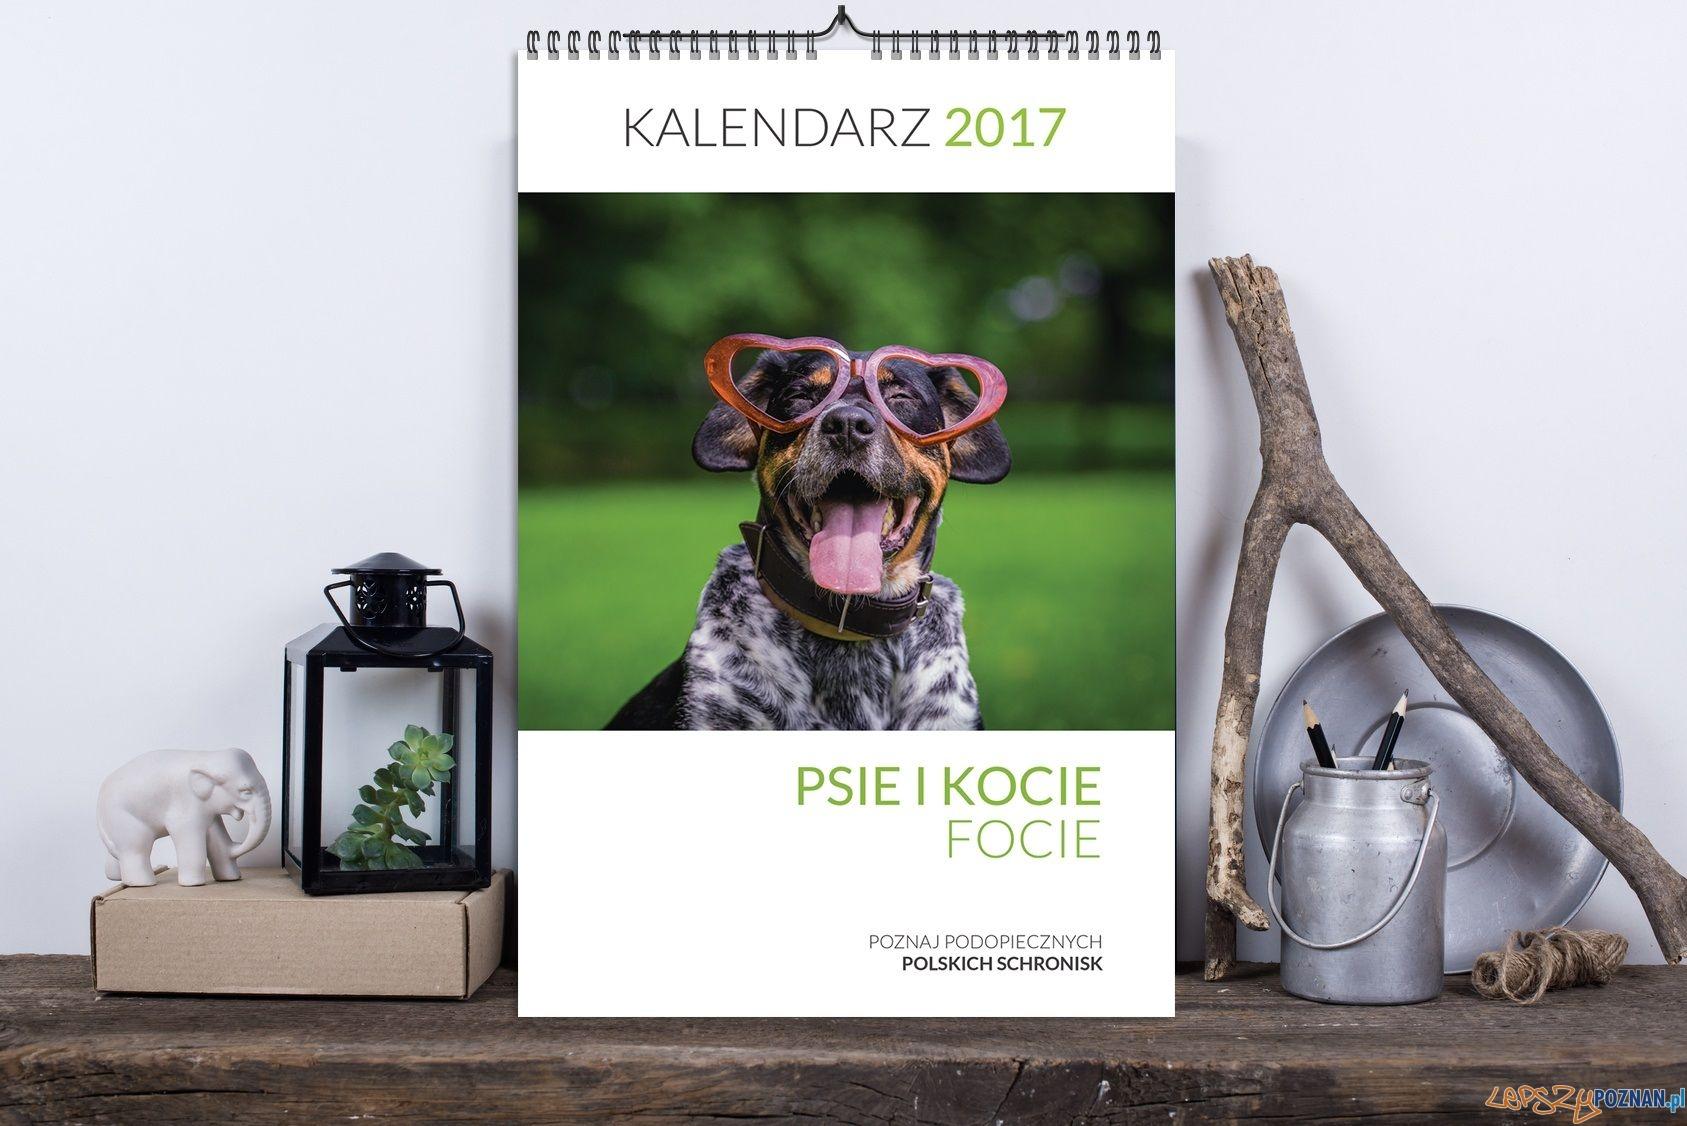 Psie i kocie focie  Foto: materiały prasowe